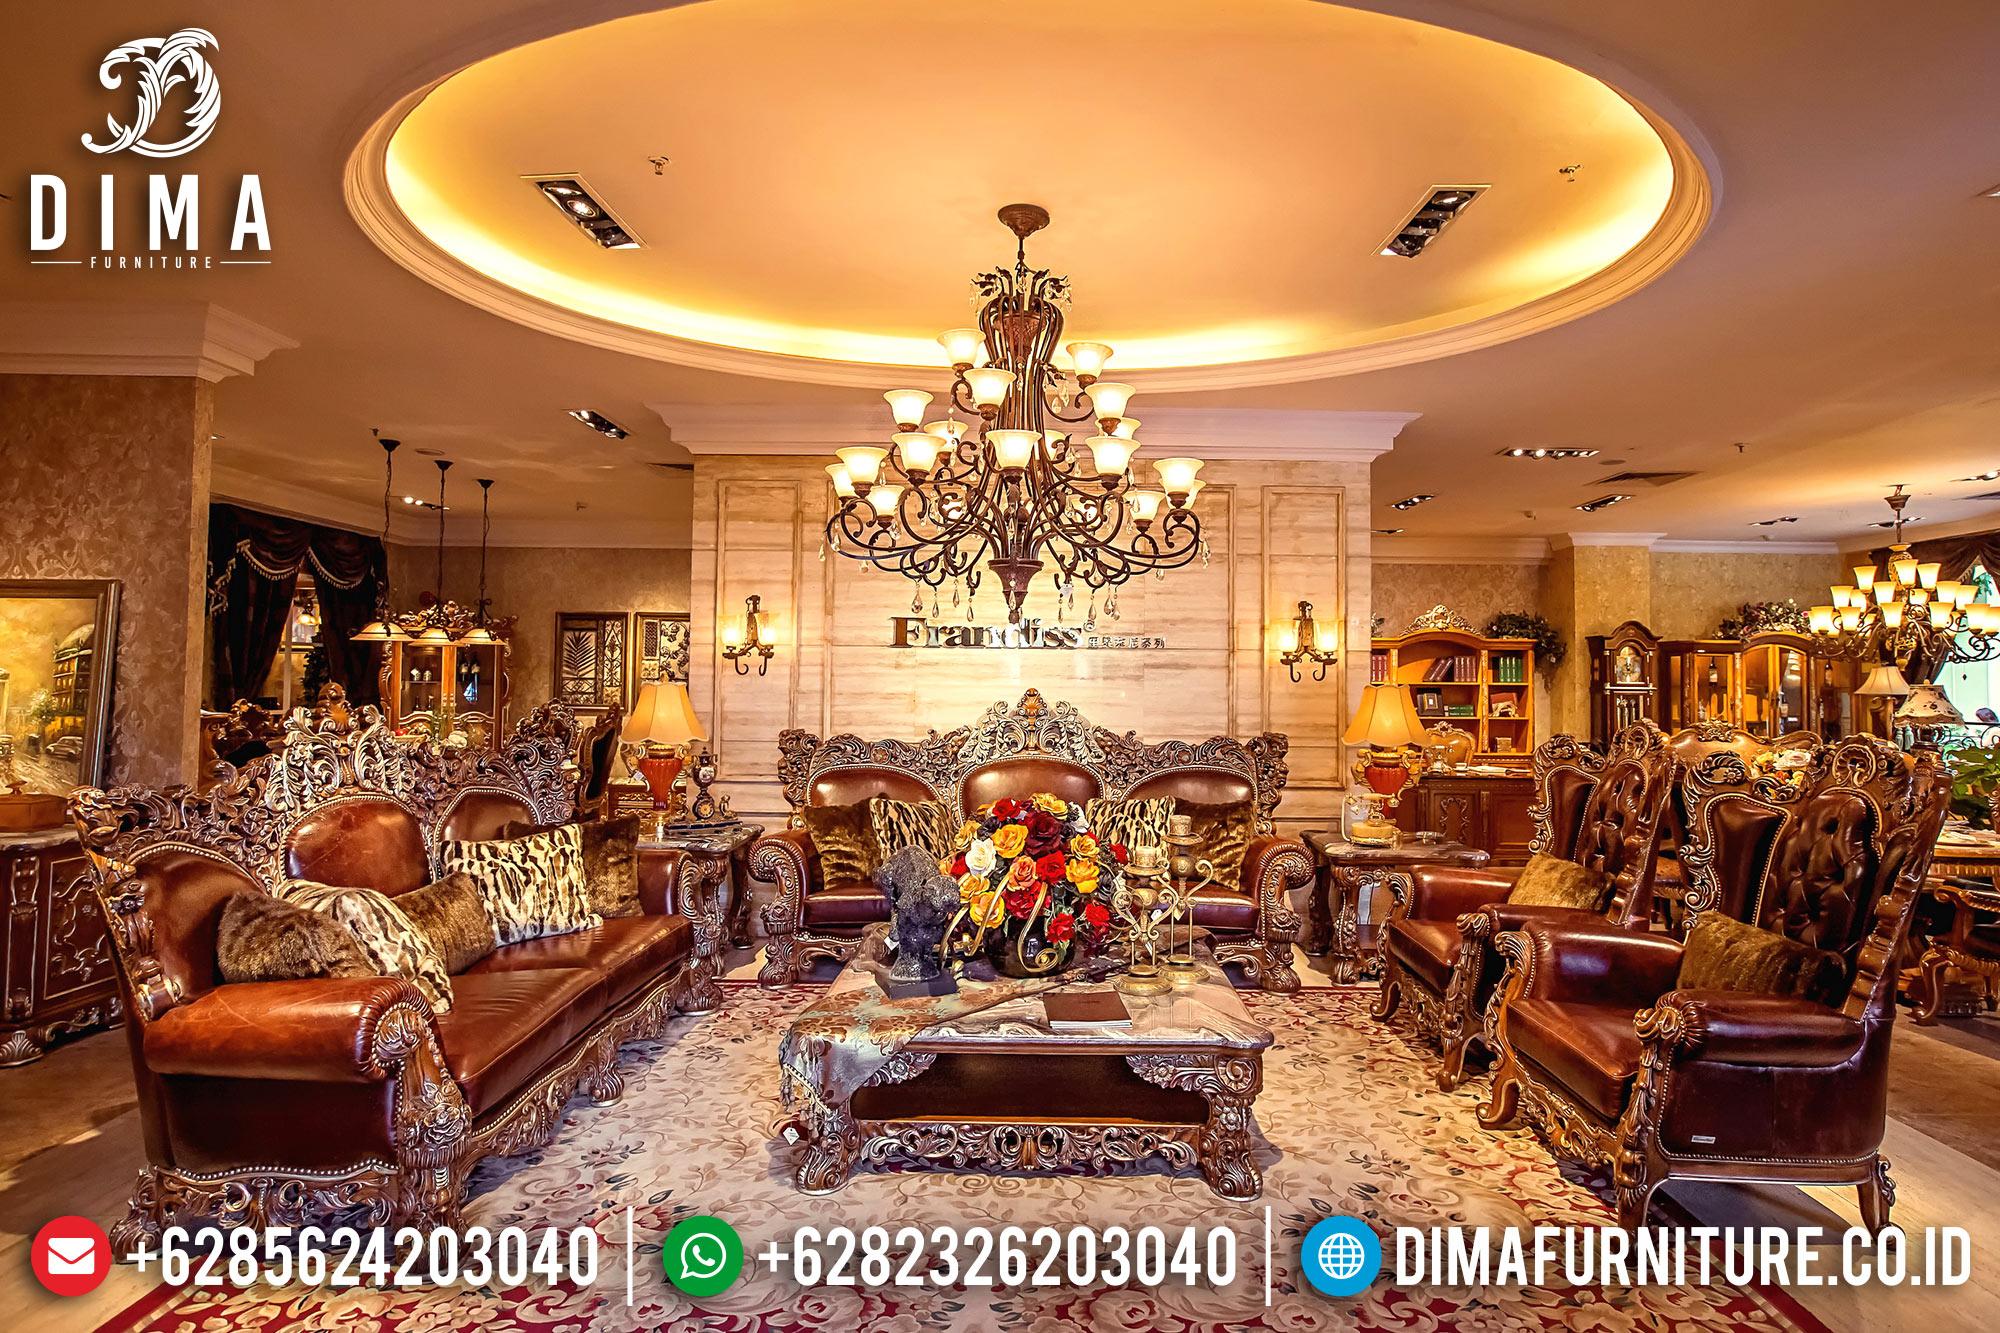 Super Mewah Sofa Tamu Jepara Klasik 4 3 1 1 Jati Ukiran Terbaru DF-0709